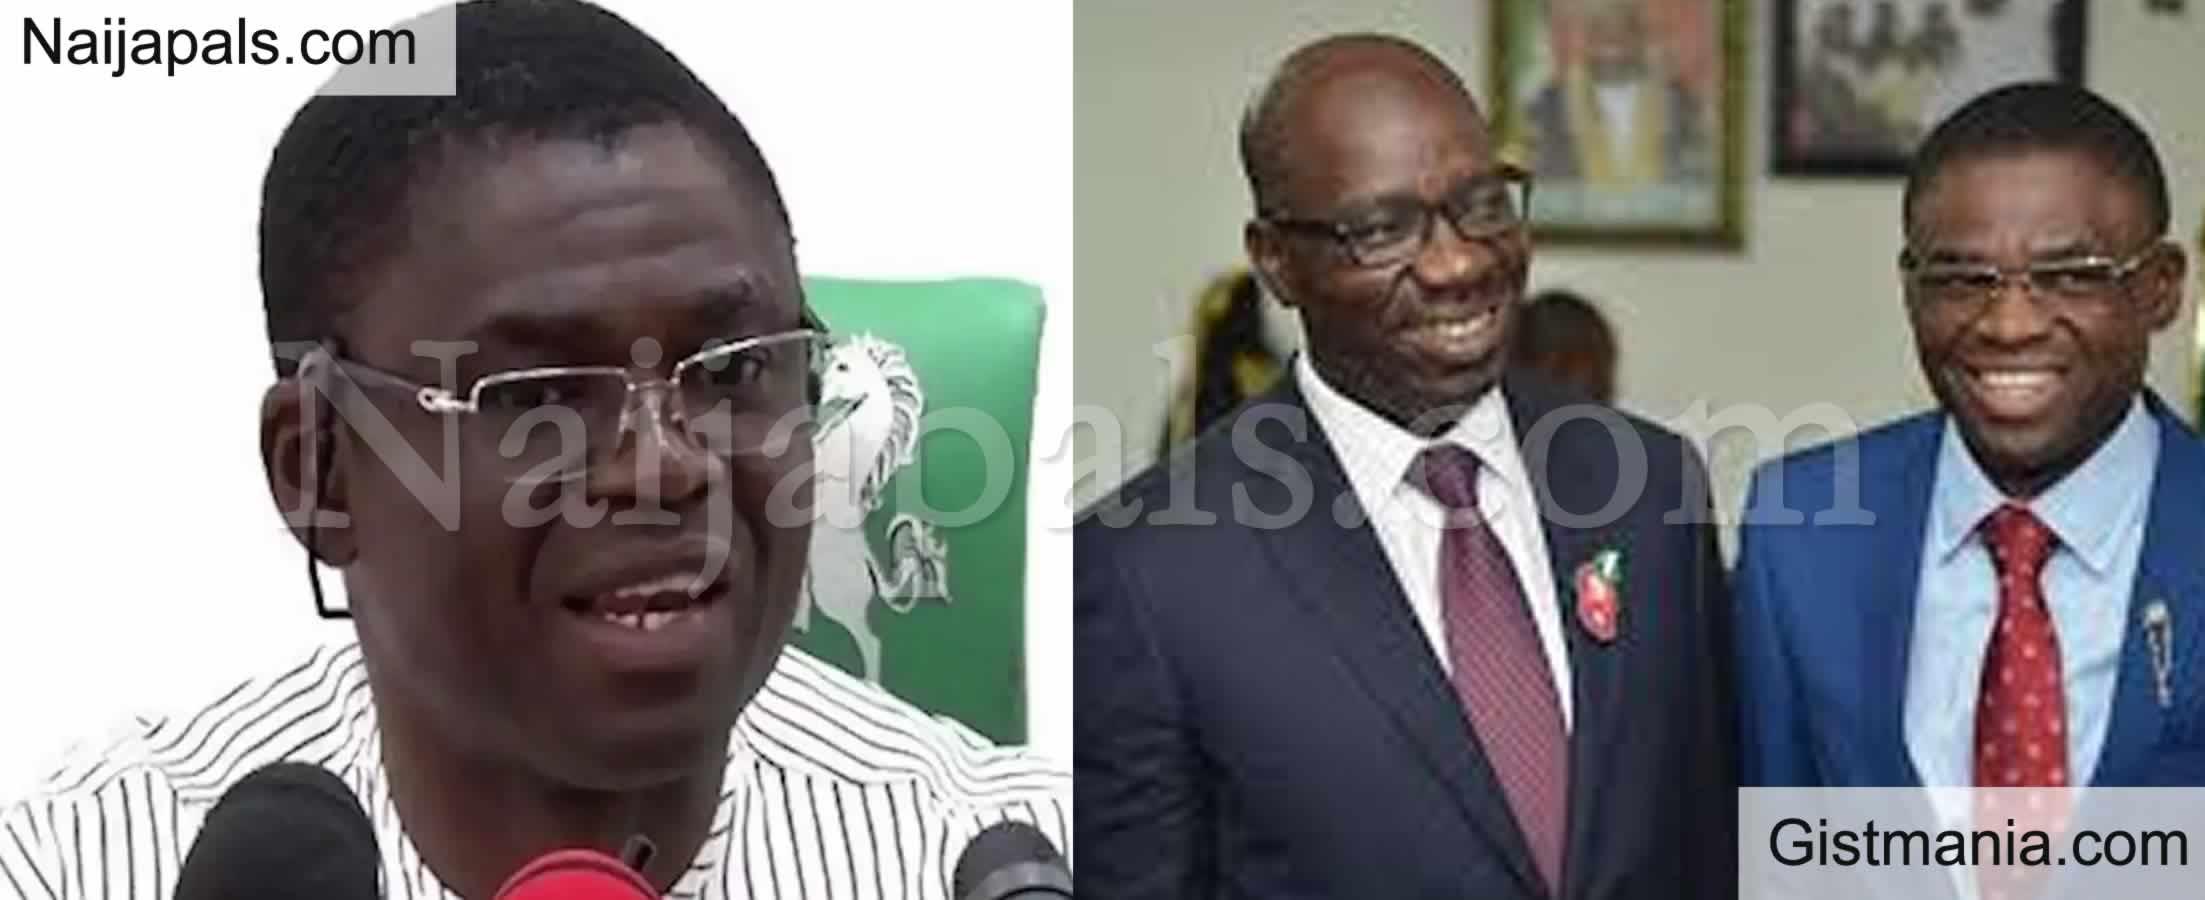 <img alt='.' class='lazyload' data-src='https://img.gistmania.com/emot/comment.gif' /> Edo Election: <b>Oshiomole, Ize Iyamu Plotting to Arrest Me</b> - Obaseki's Deputy Philip Shaibu